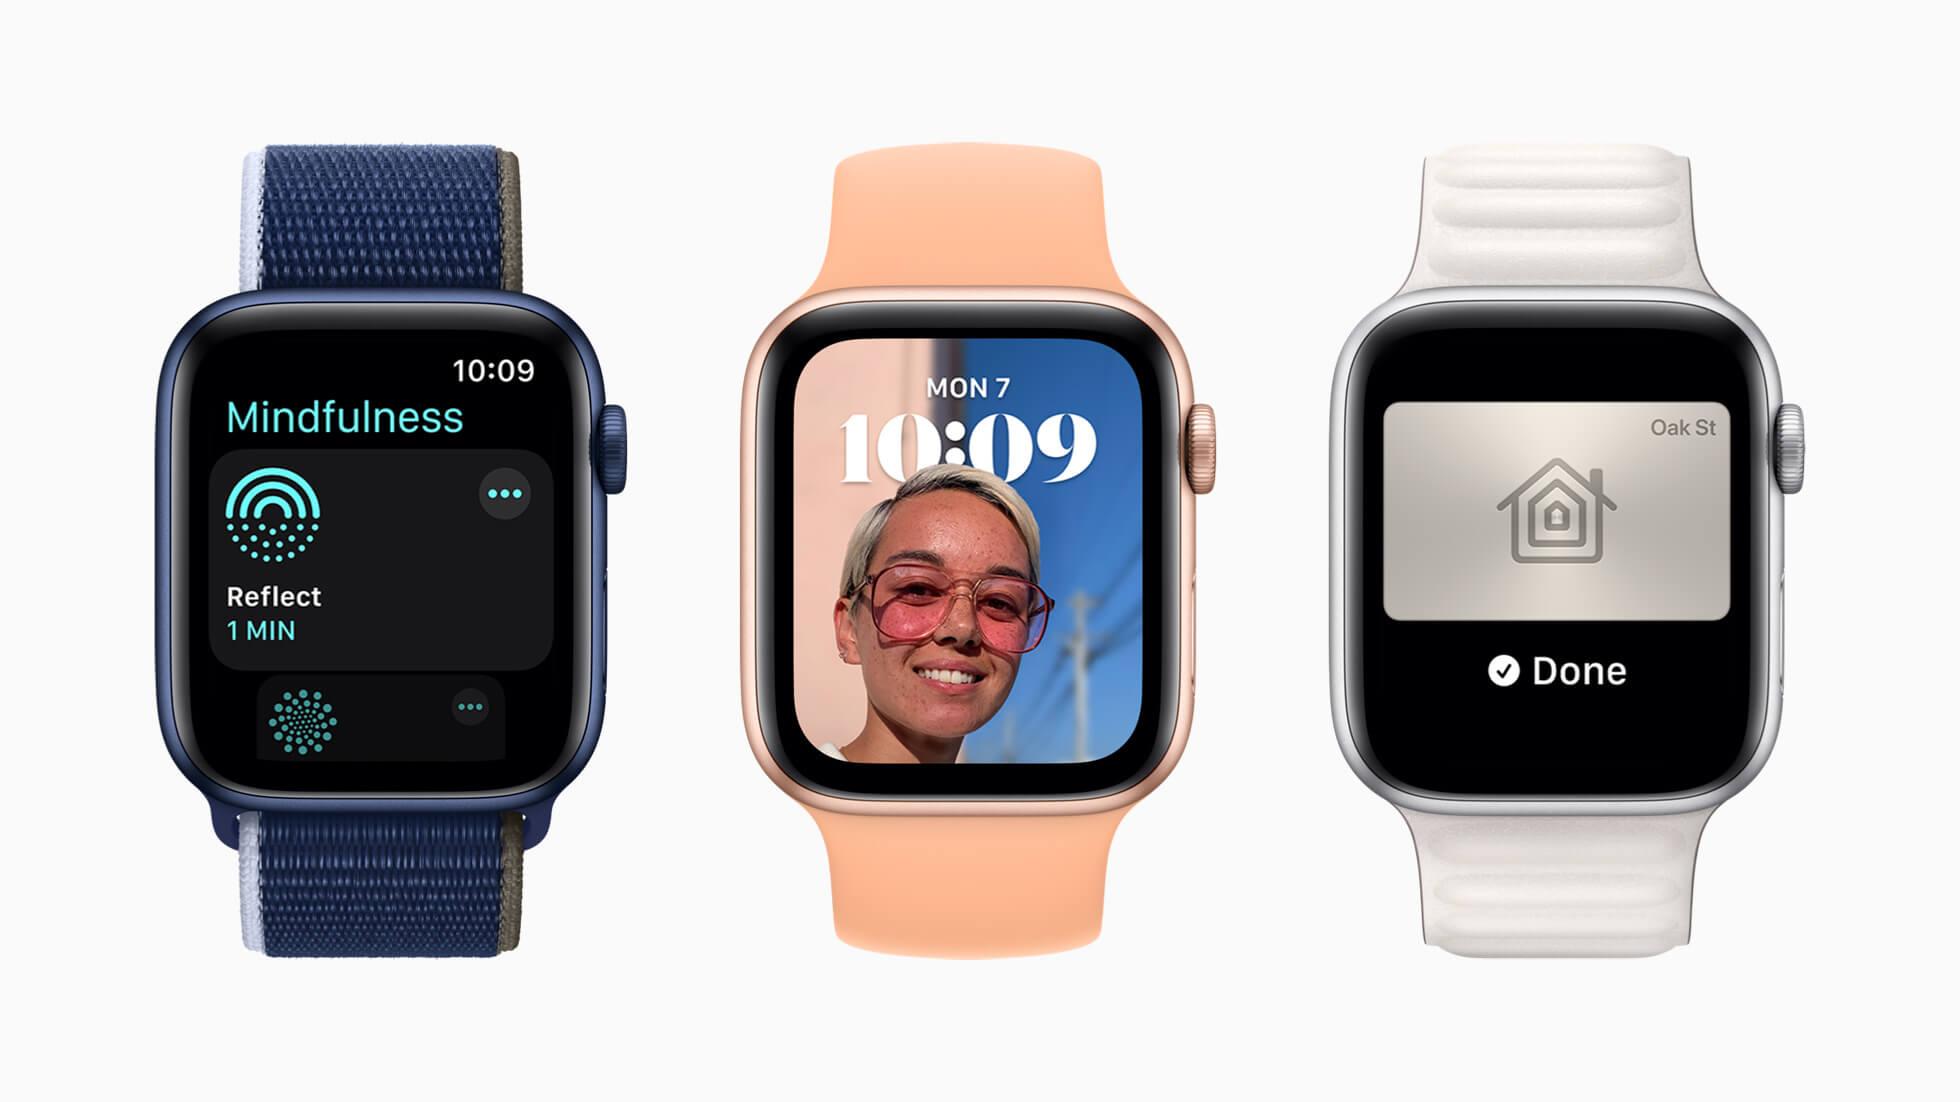 watchOS 8.1 ist da: Corona-Impfung auf der Apple Watch und bessere Sturzerkennung • Apfellike.com